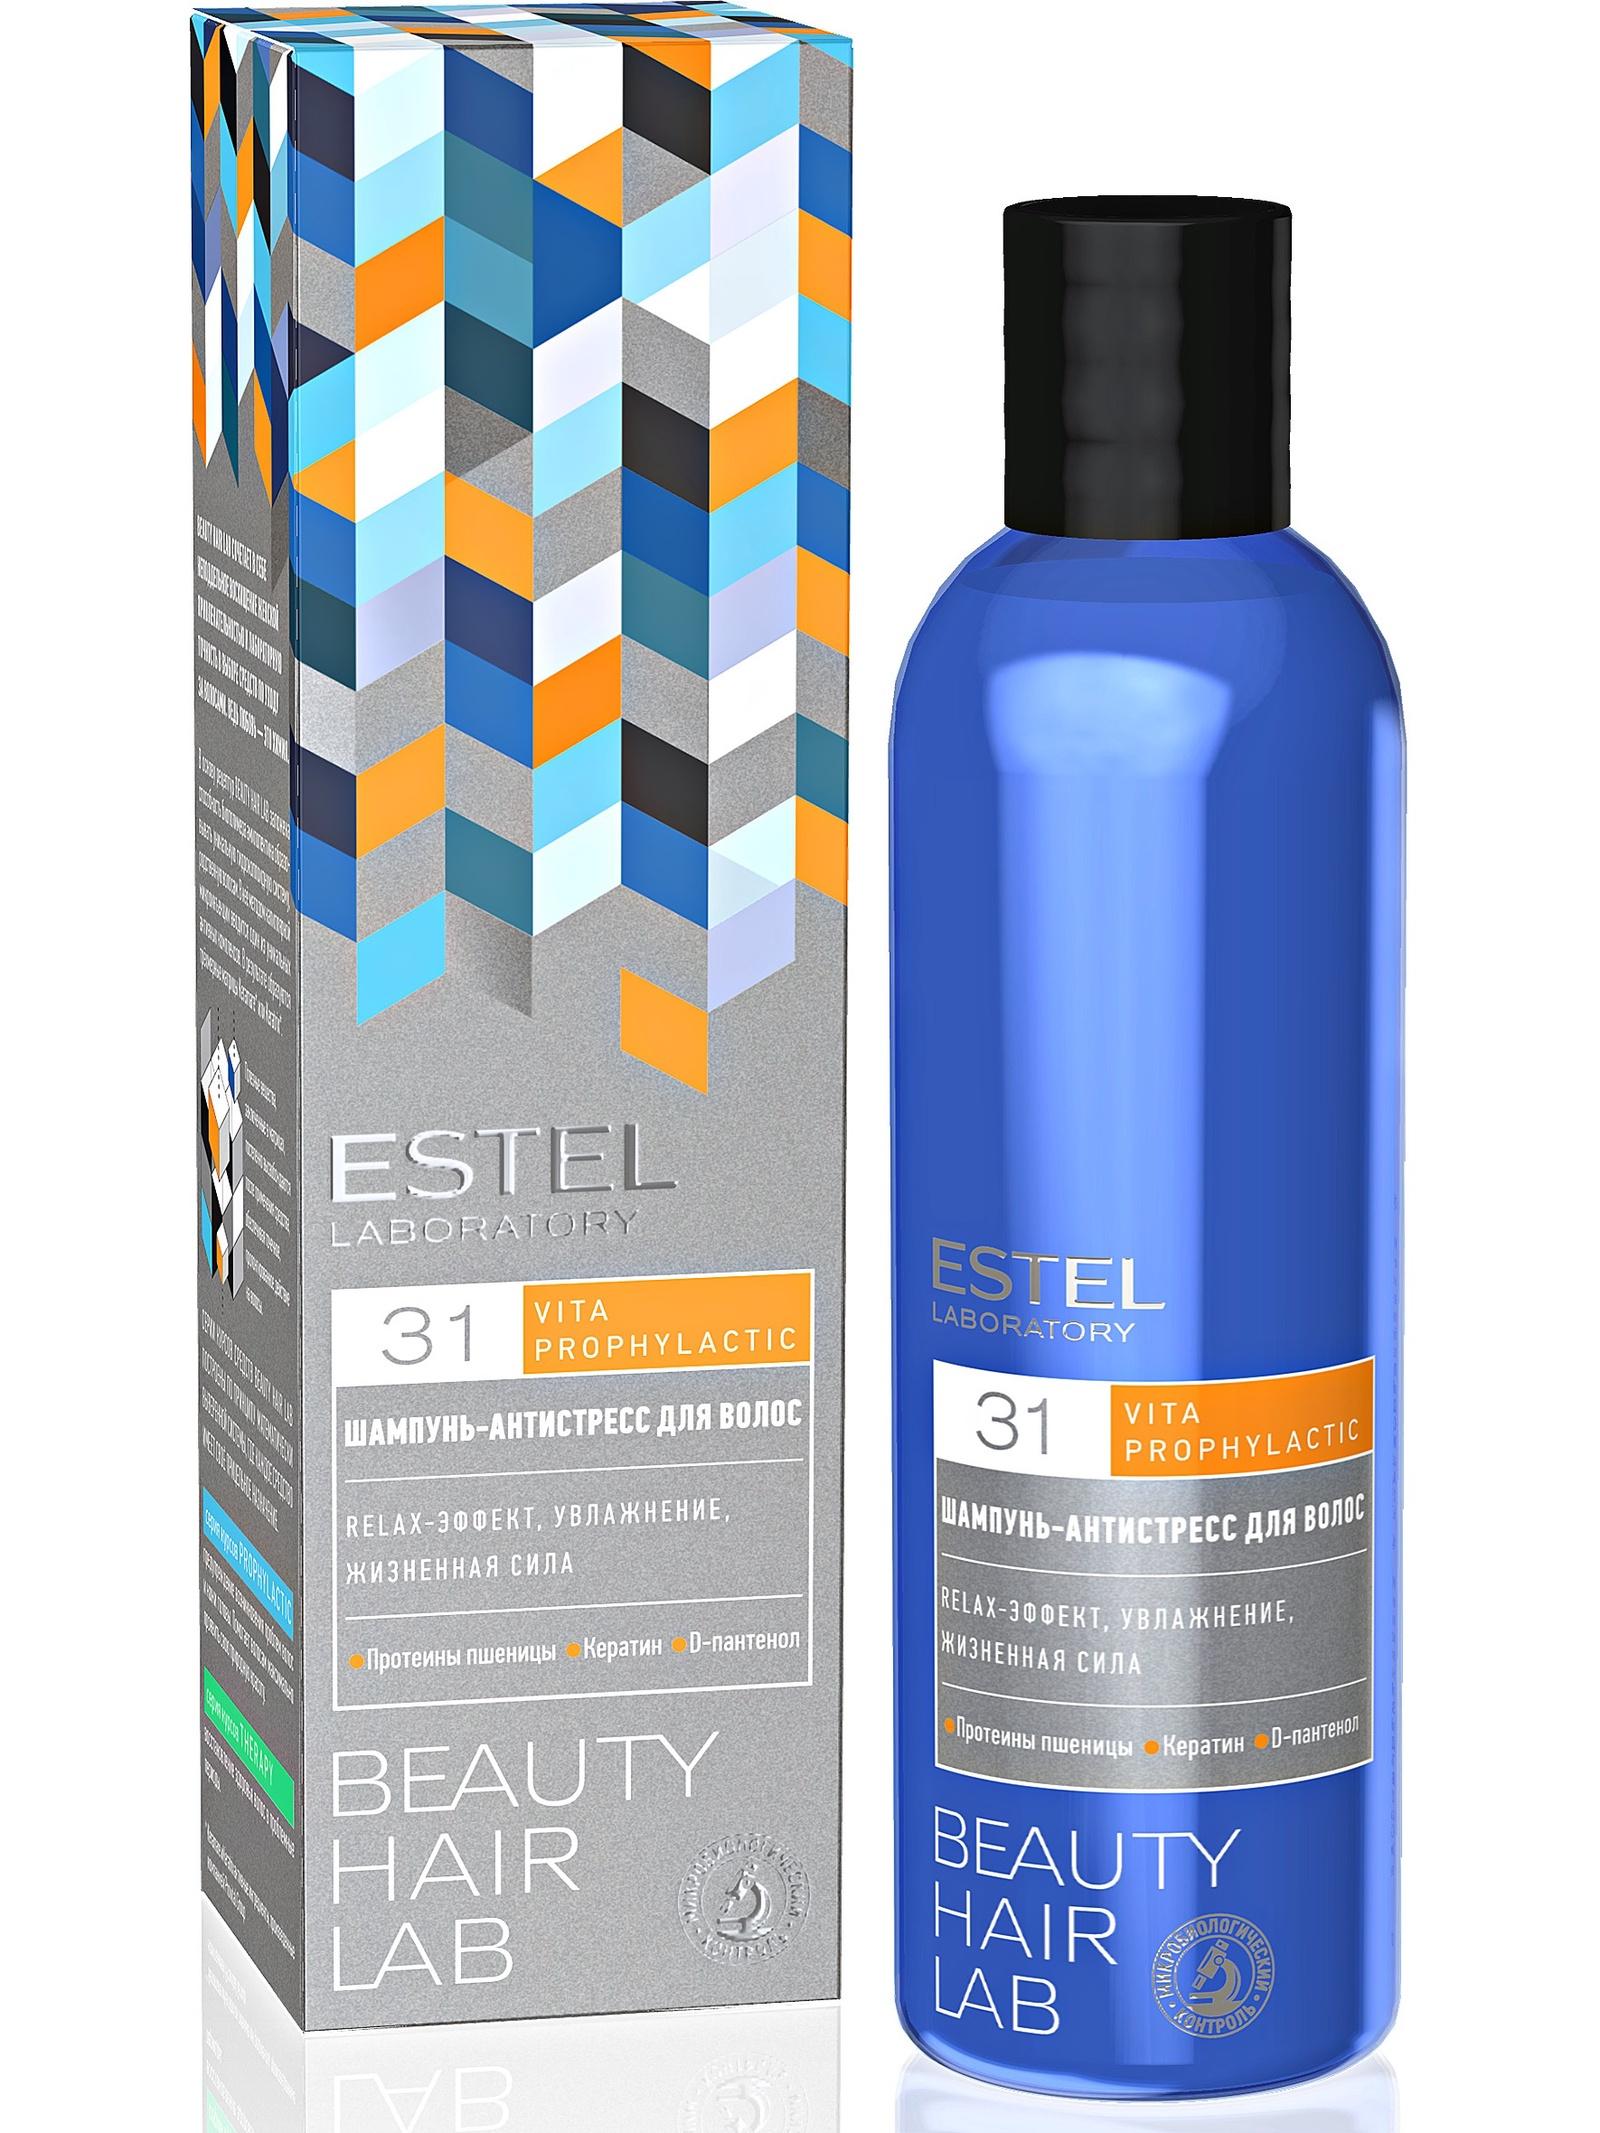 Шампунь BEAUTY HAIR LAB антистресс ESTEL PROFESSIONAL vita prophylactic 250 мл шампунь антистресс для волос estel beauty hair lab 250 мл